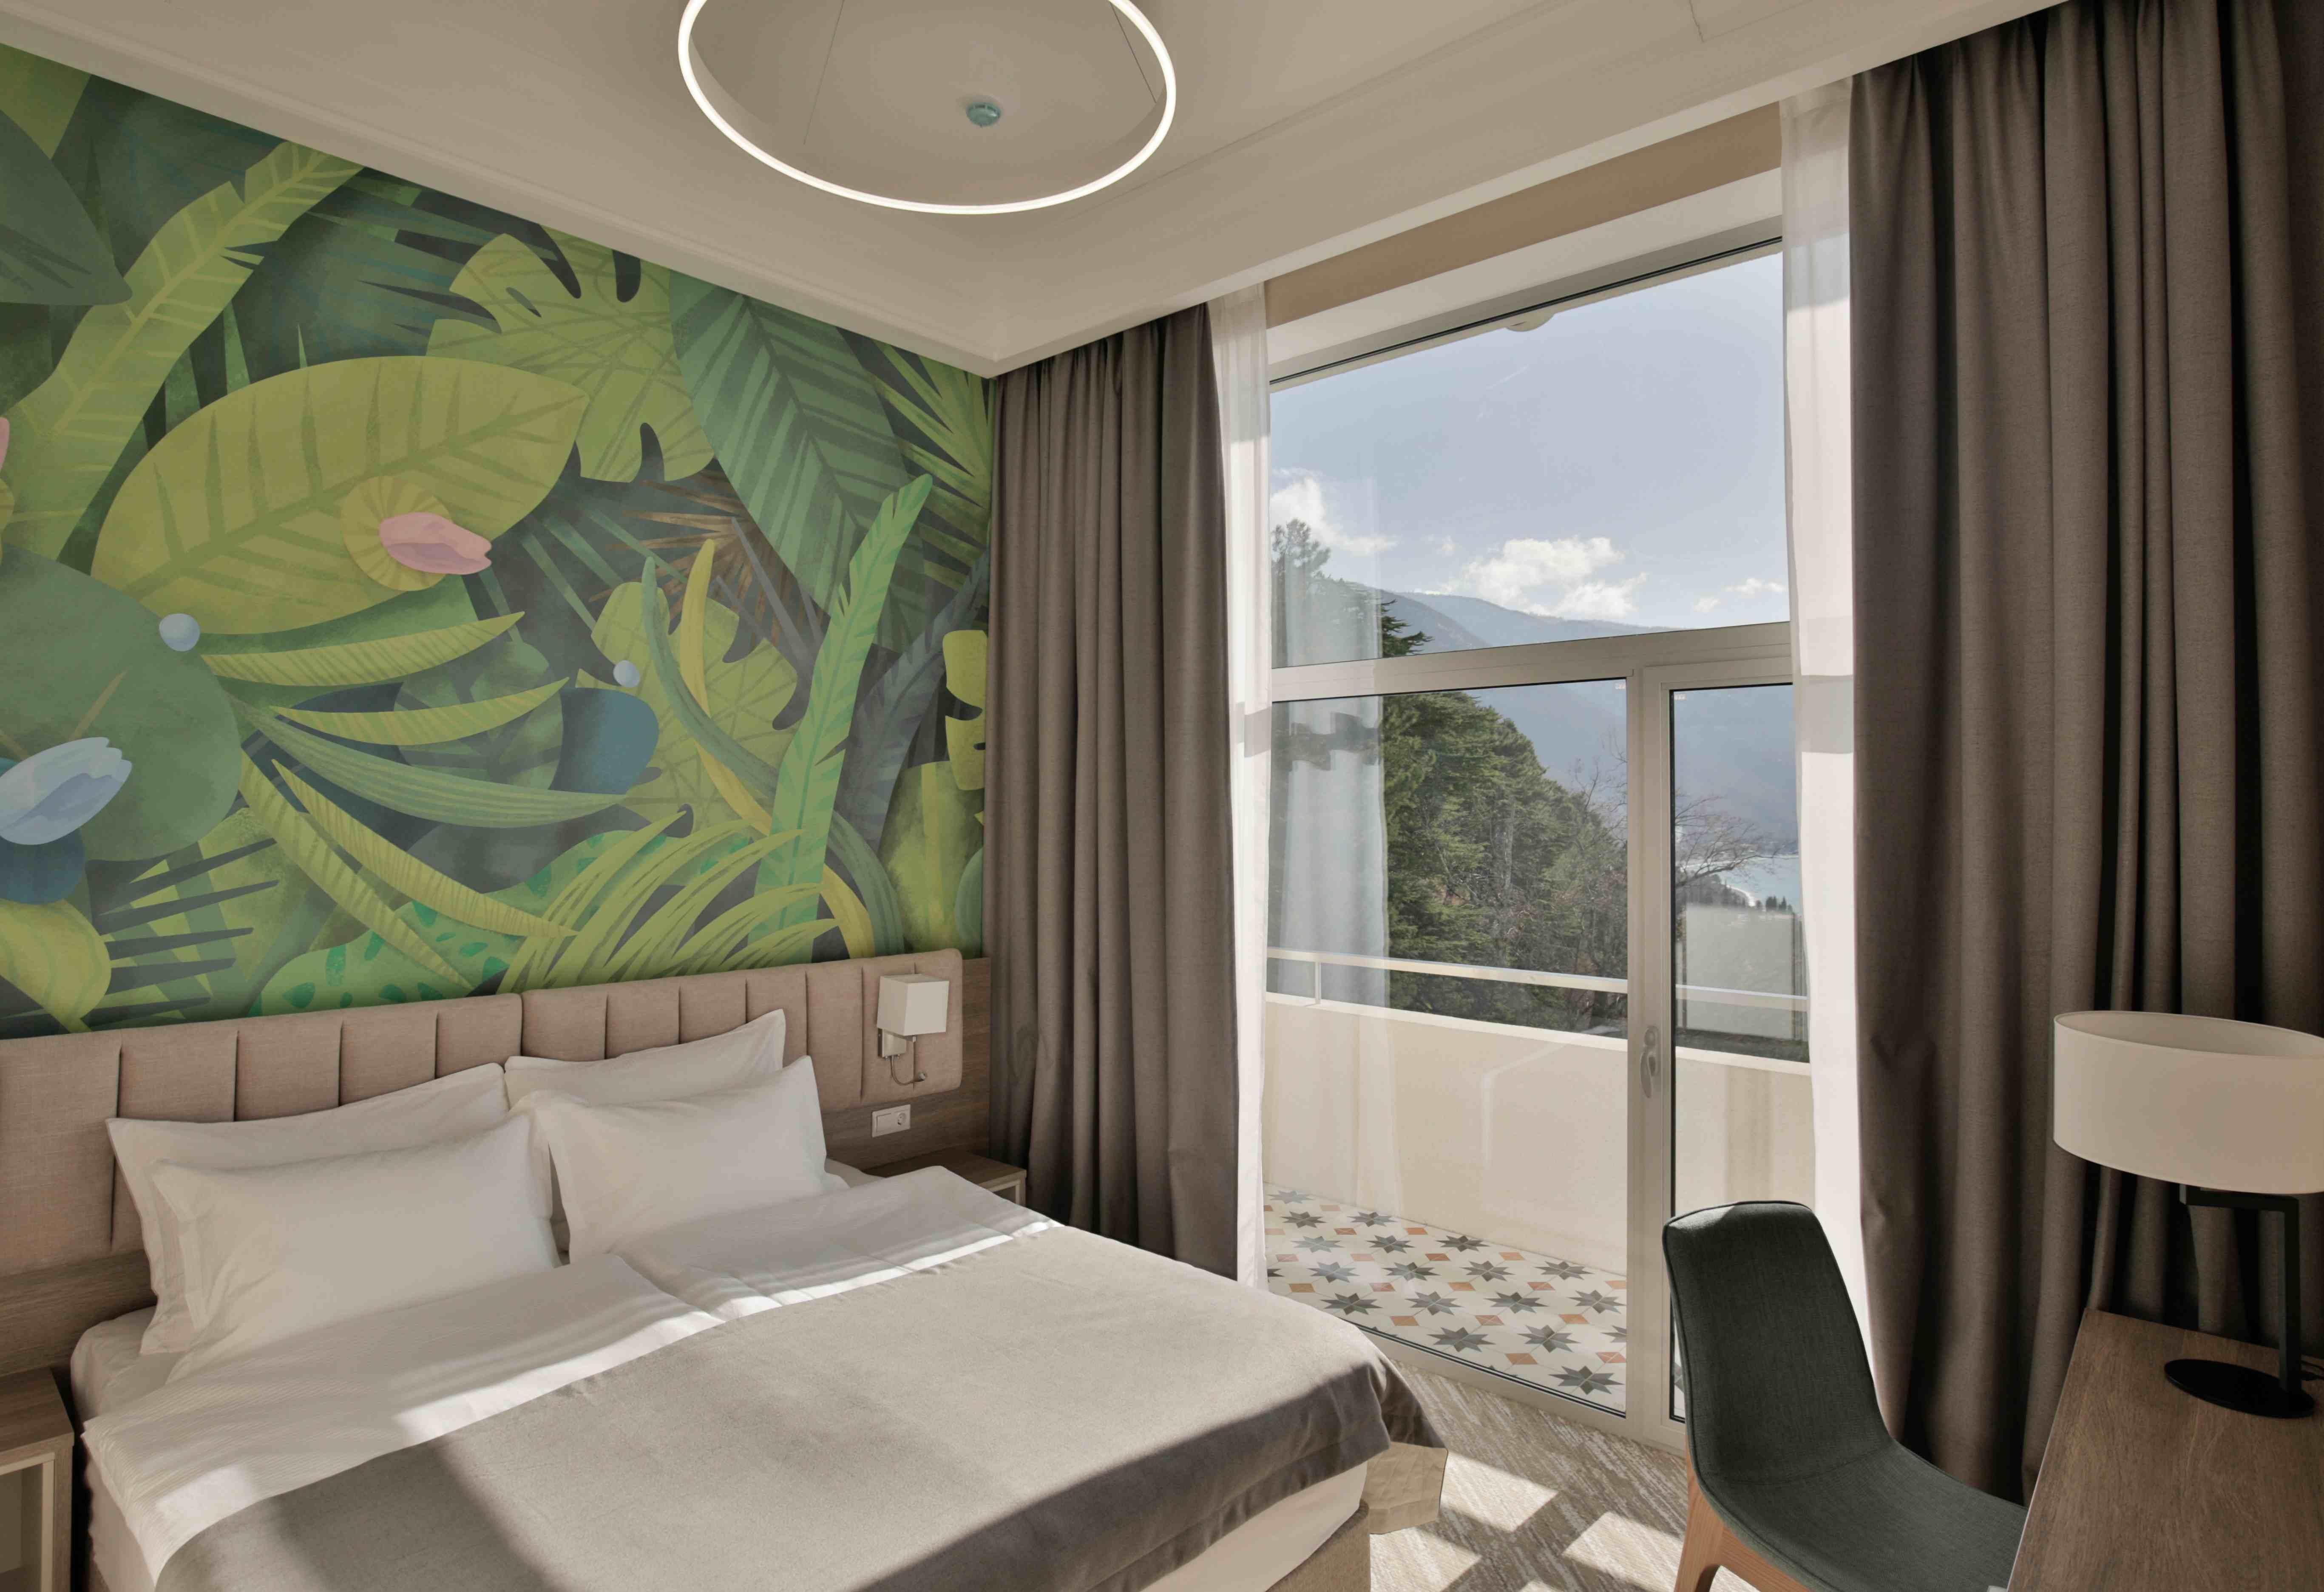 малогабаритных квартирах гагра санаторий москва фото это место считается